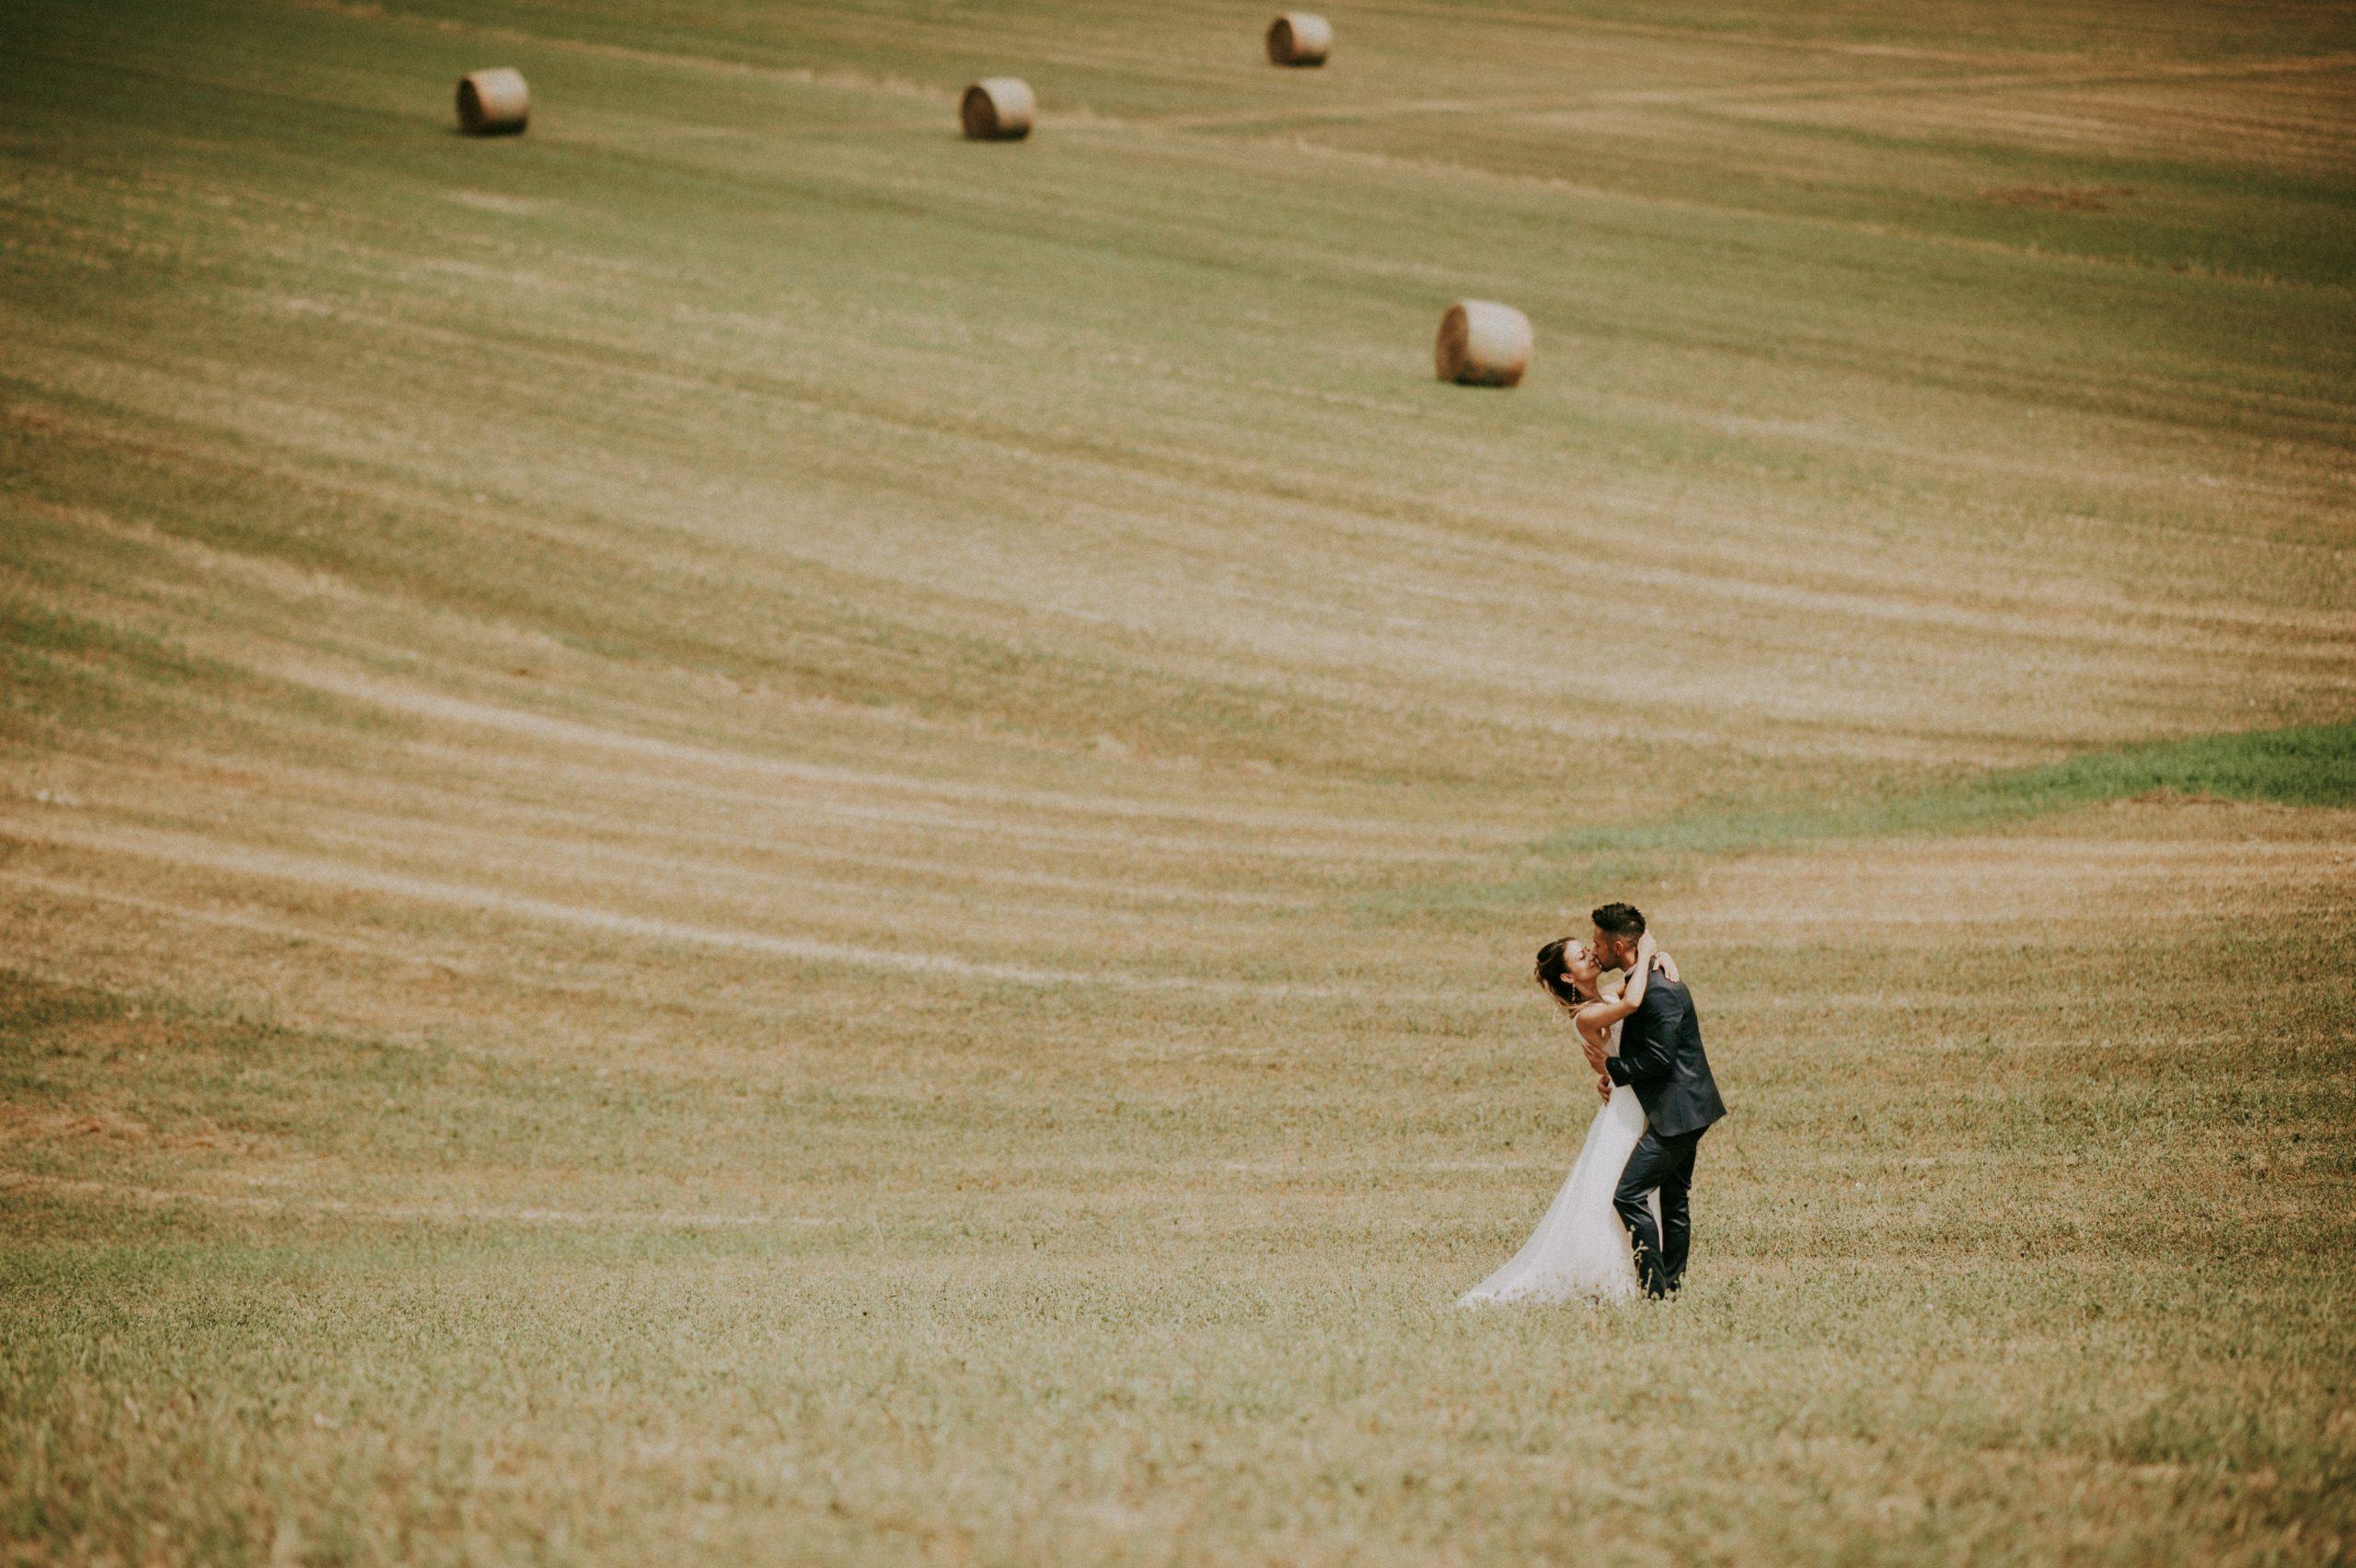 bellissima foto degli sposi a Borgo San Lorenzo nel Mugello nel campo di grano tagliato con le rotoballe